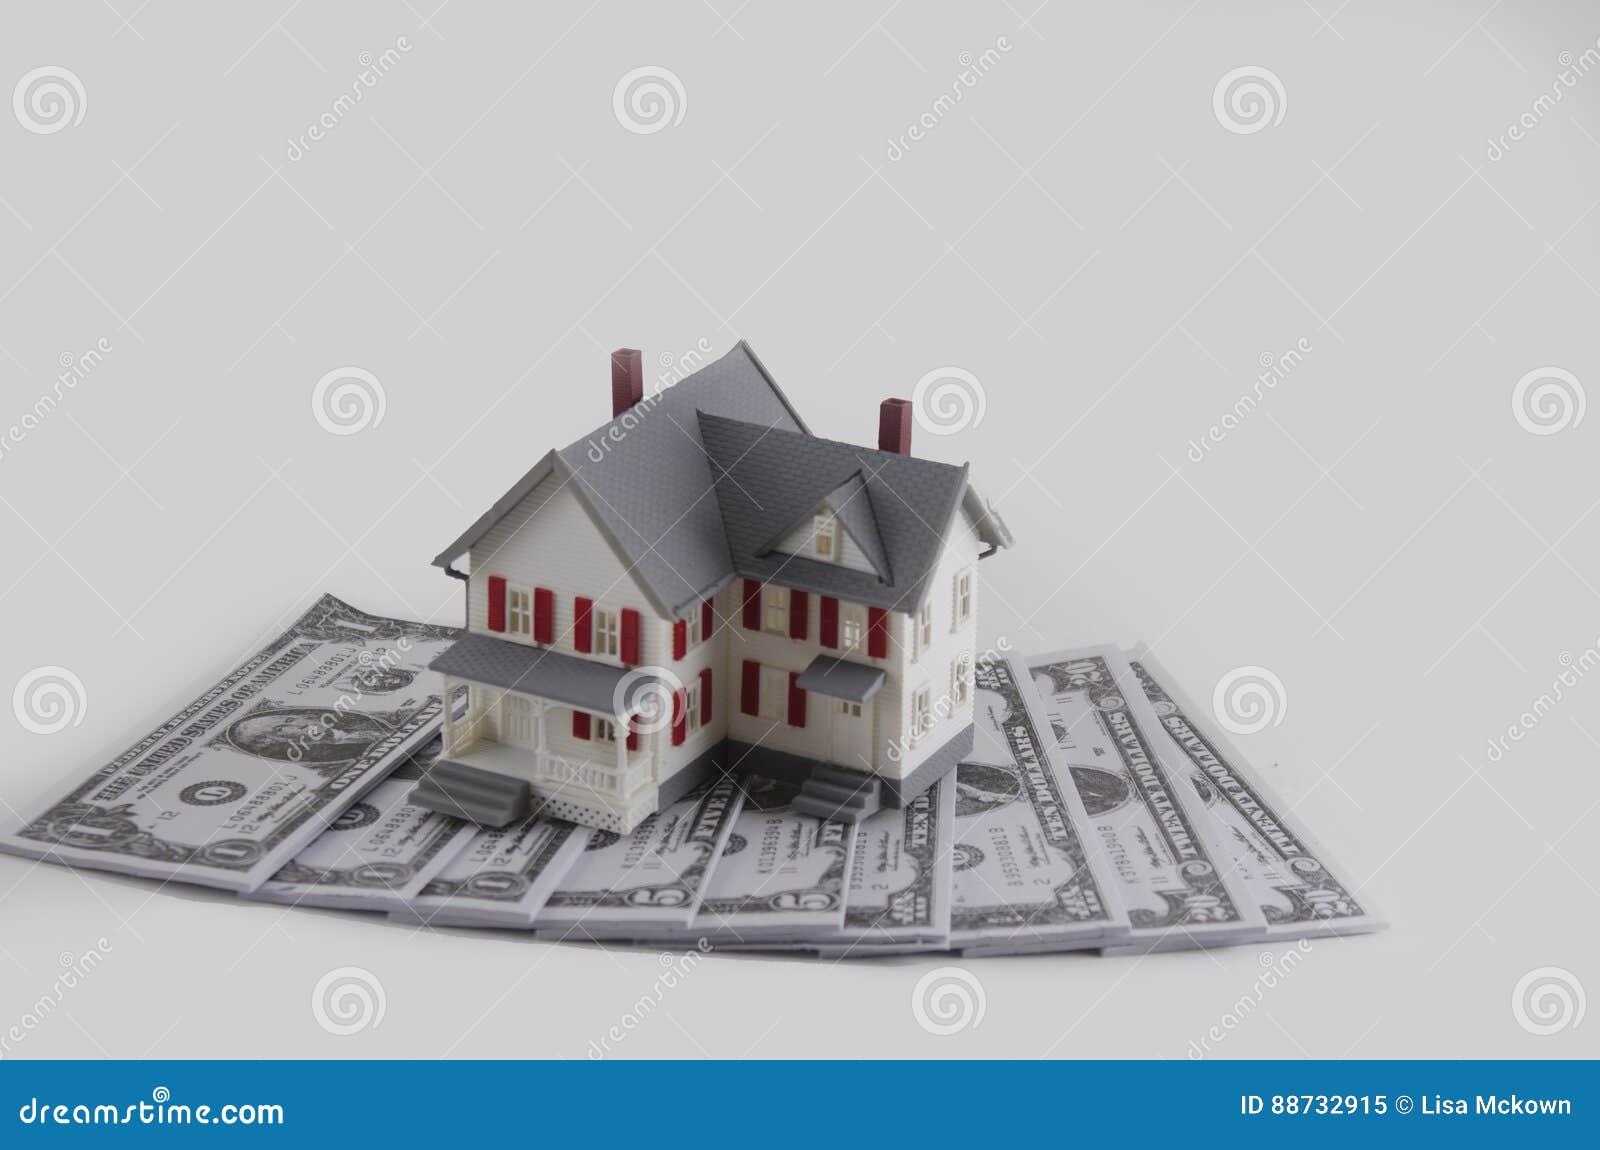 Down Payment On A House >> Down Payment On A House Stock Image Image Of Background